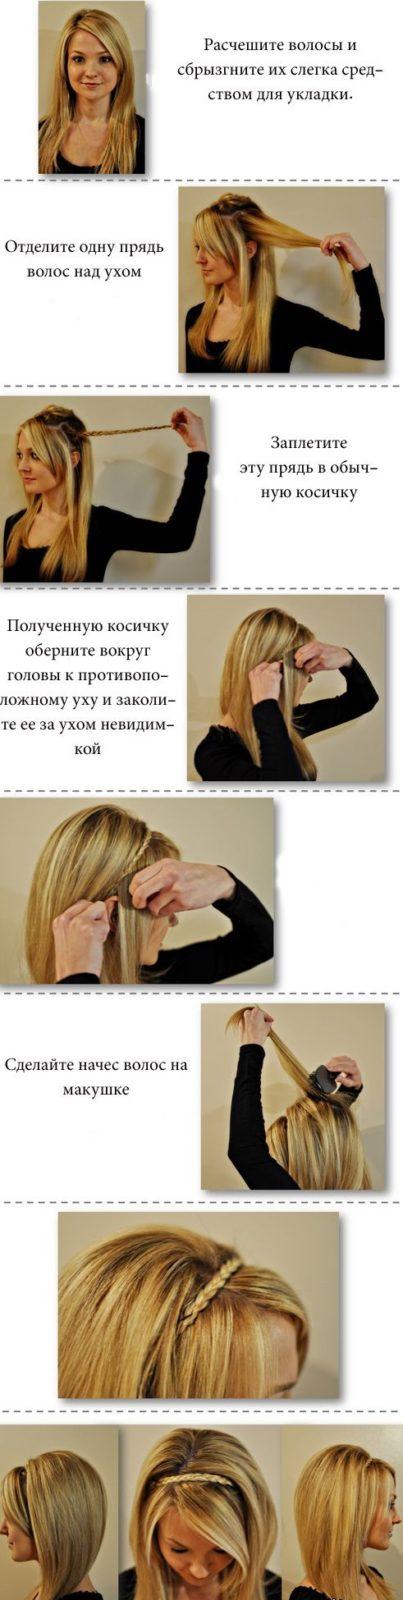 Элегантная прическа на средние волосы:фото инструкция